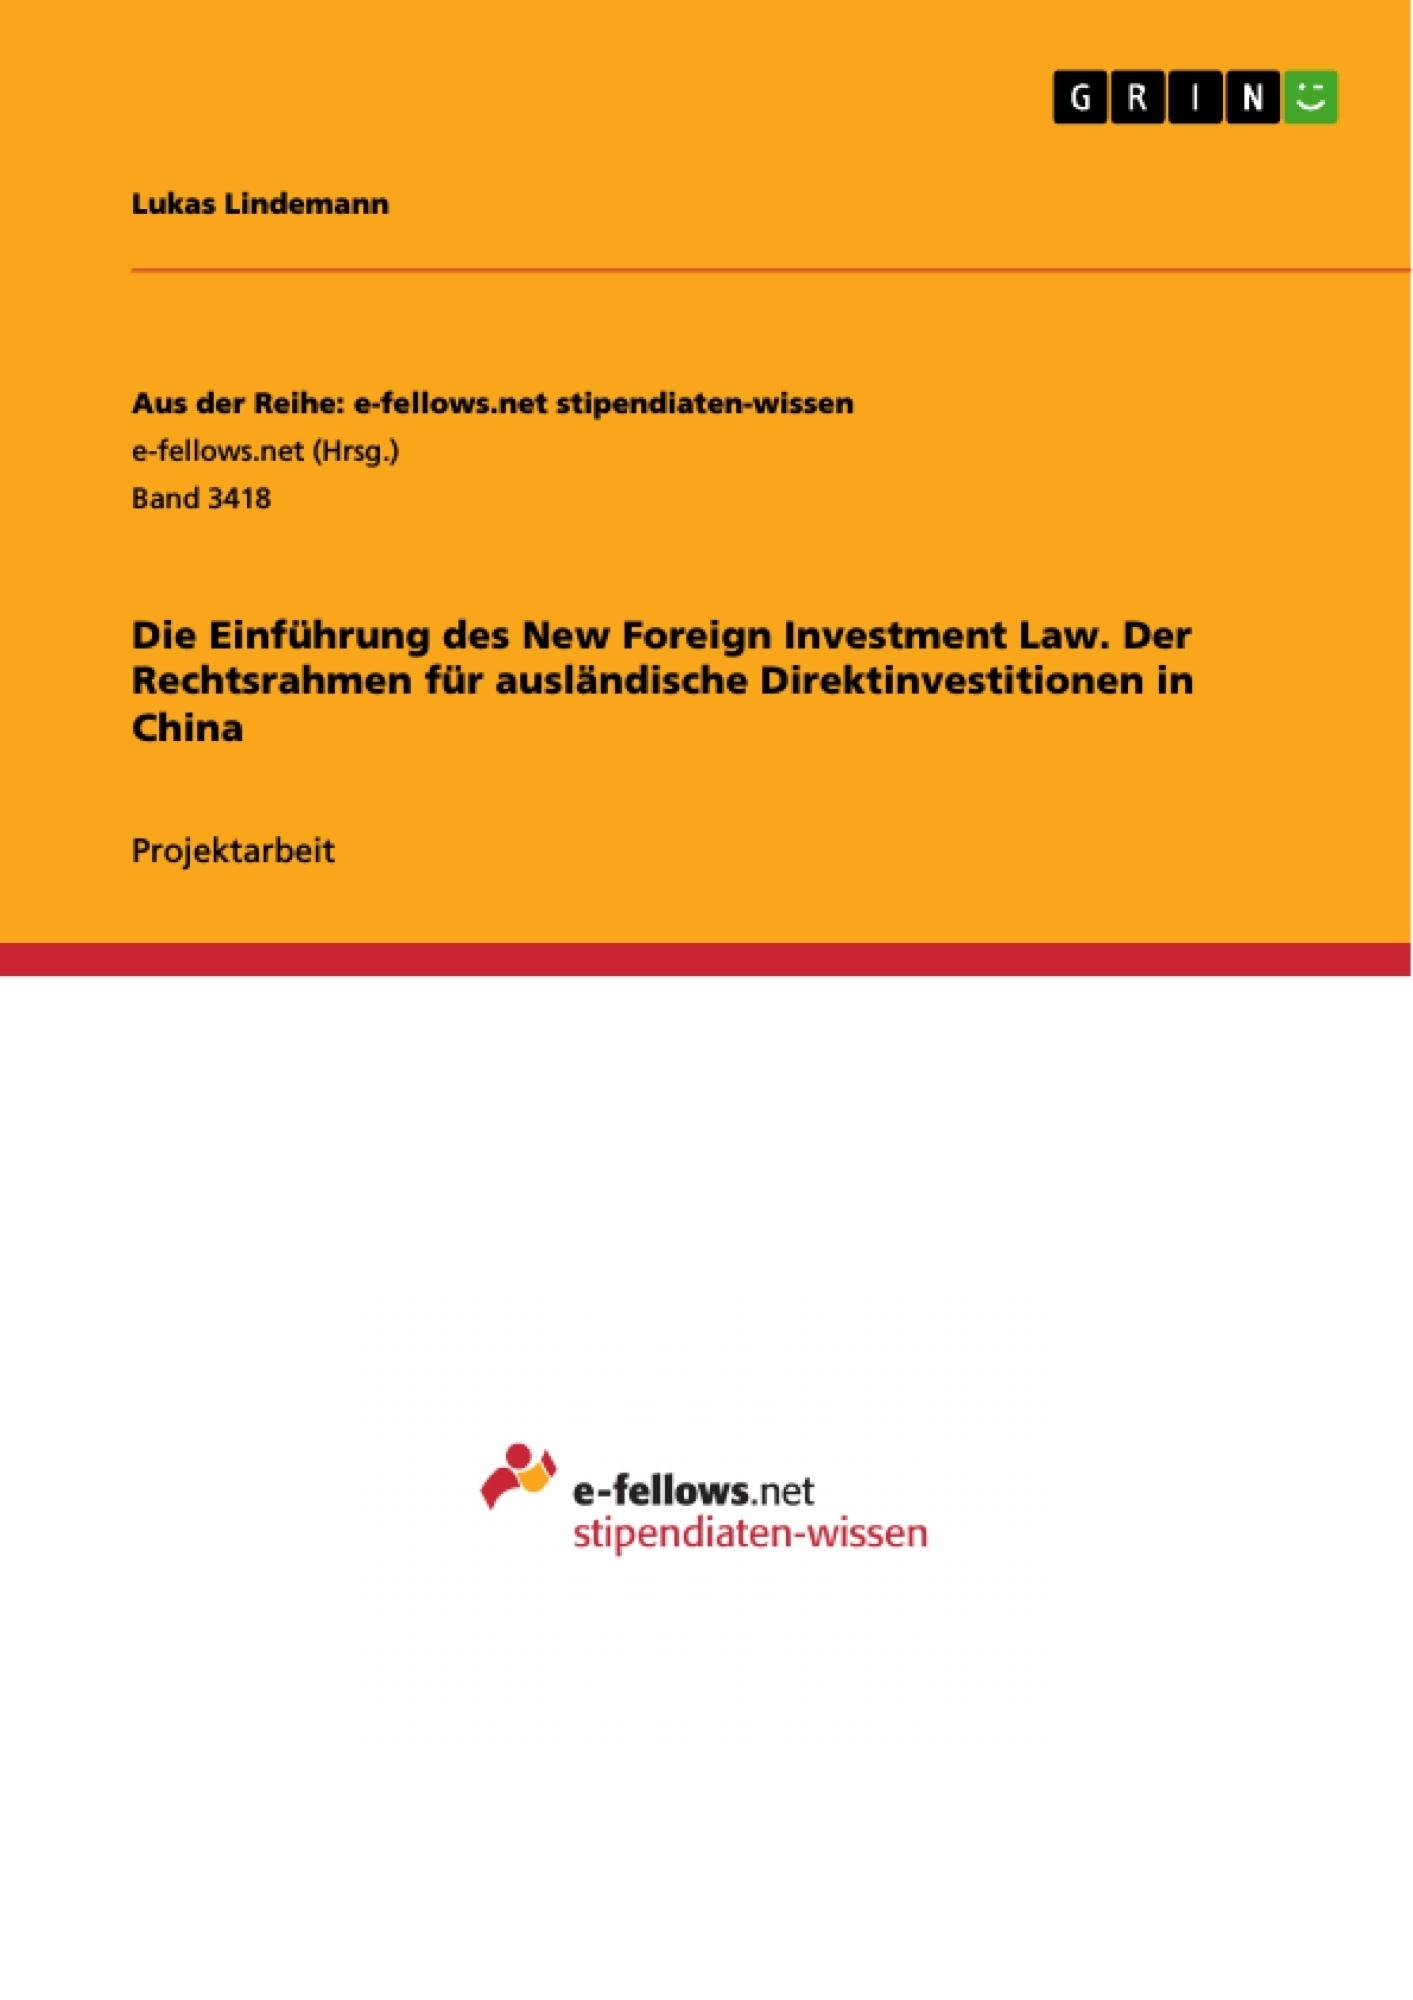 Titel: Die Einführung des New Foreign Investment Law. Der Rechtsrahmen für ausländische Direktinvestitionen in China